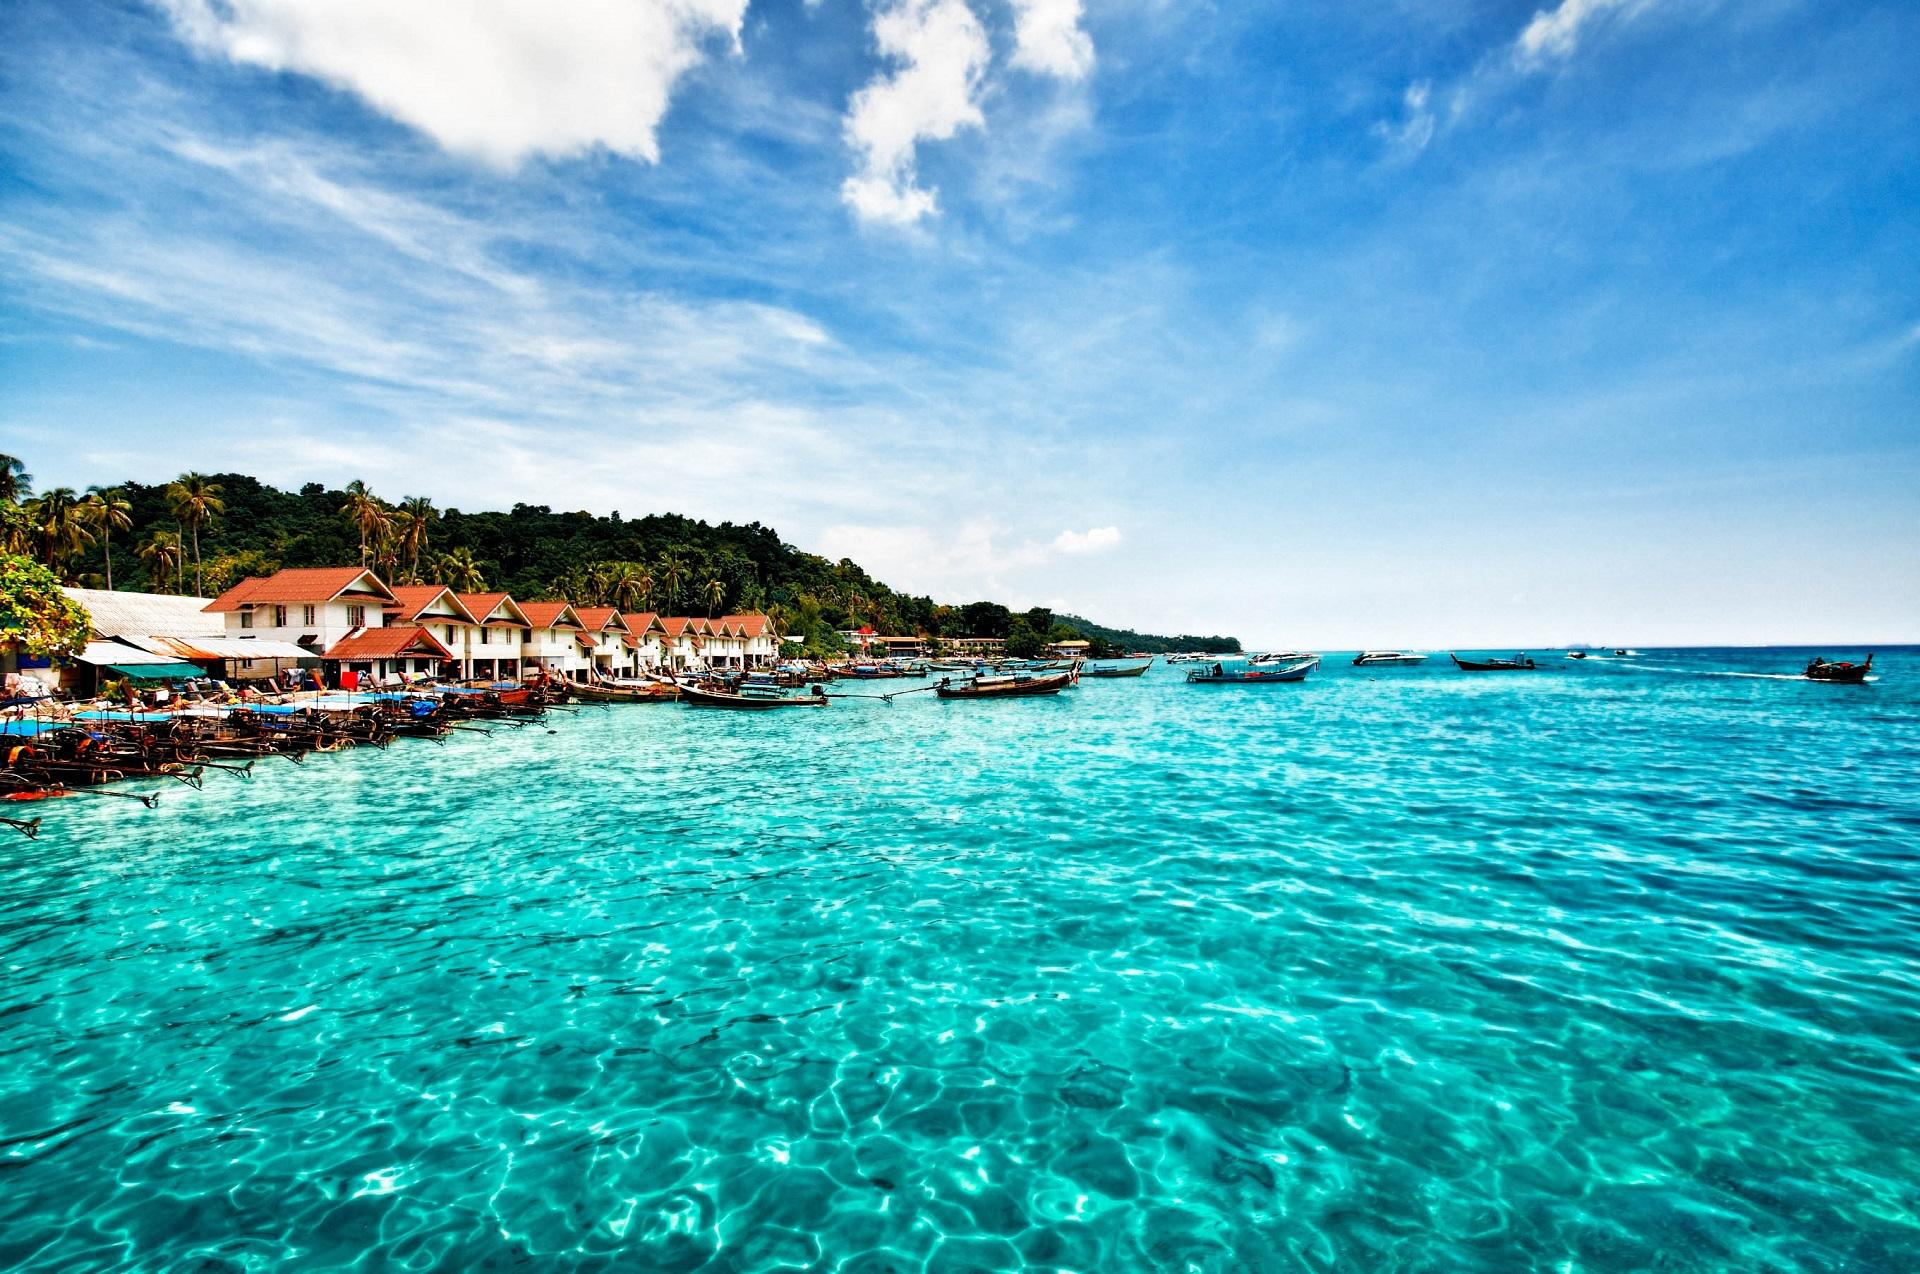 Phuket beach hotel